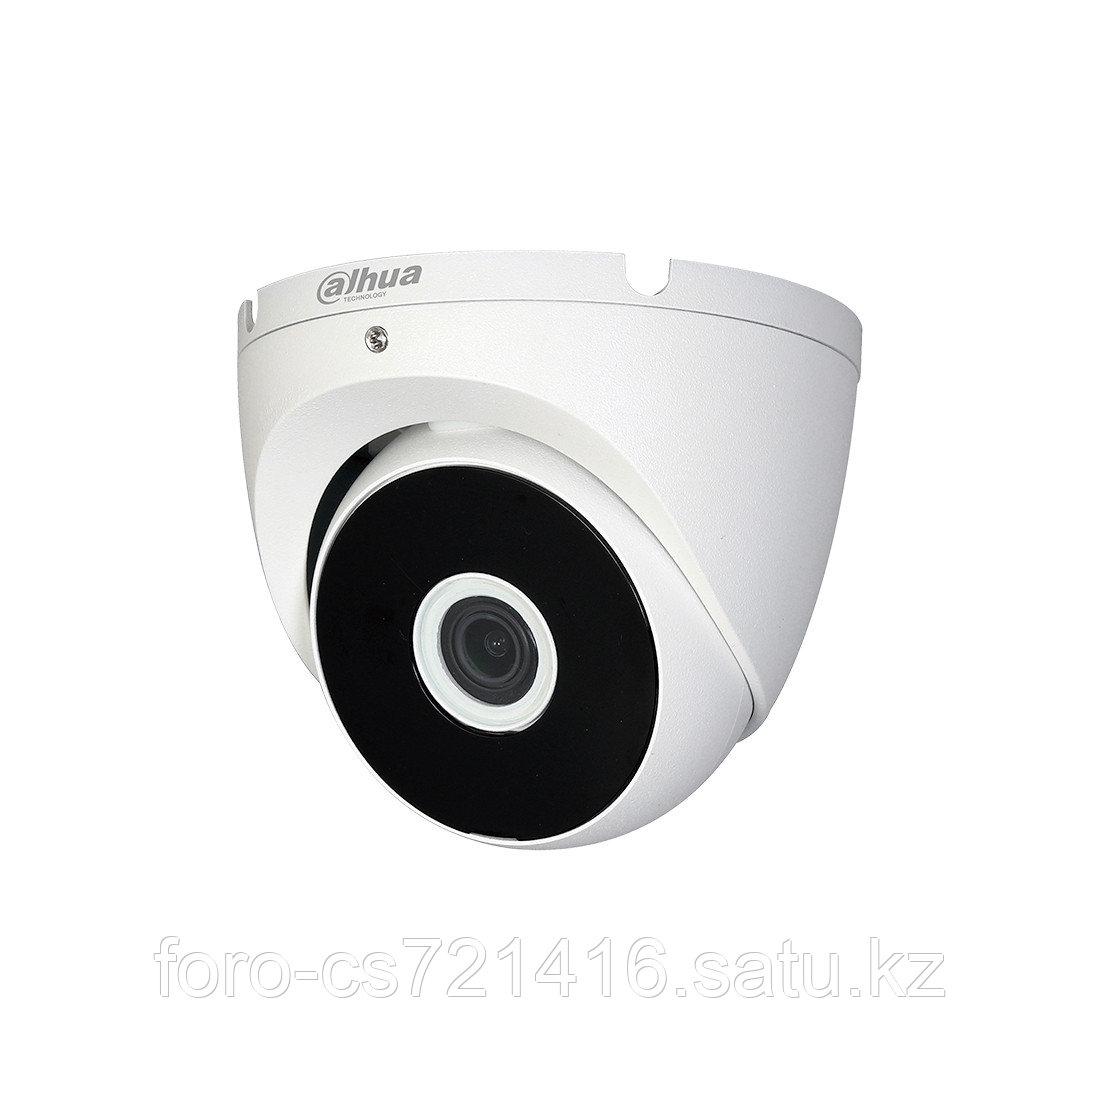 Купольная видеокамера Dahua DH-HAC-T2A21P-0360B